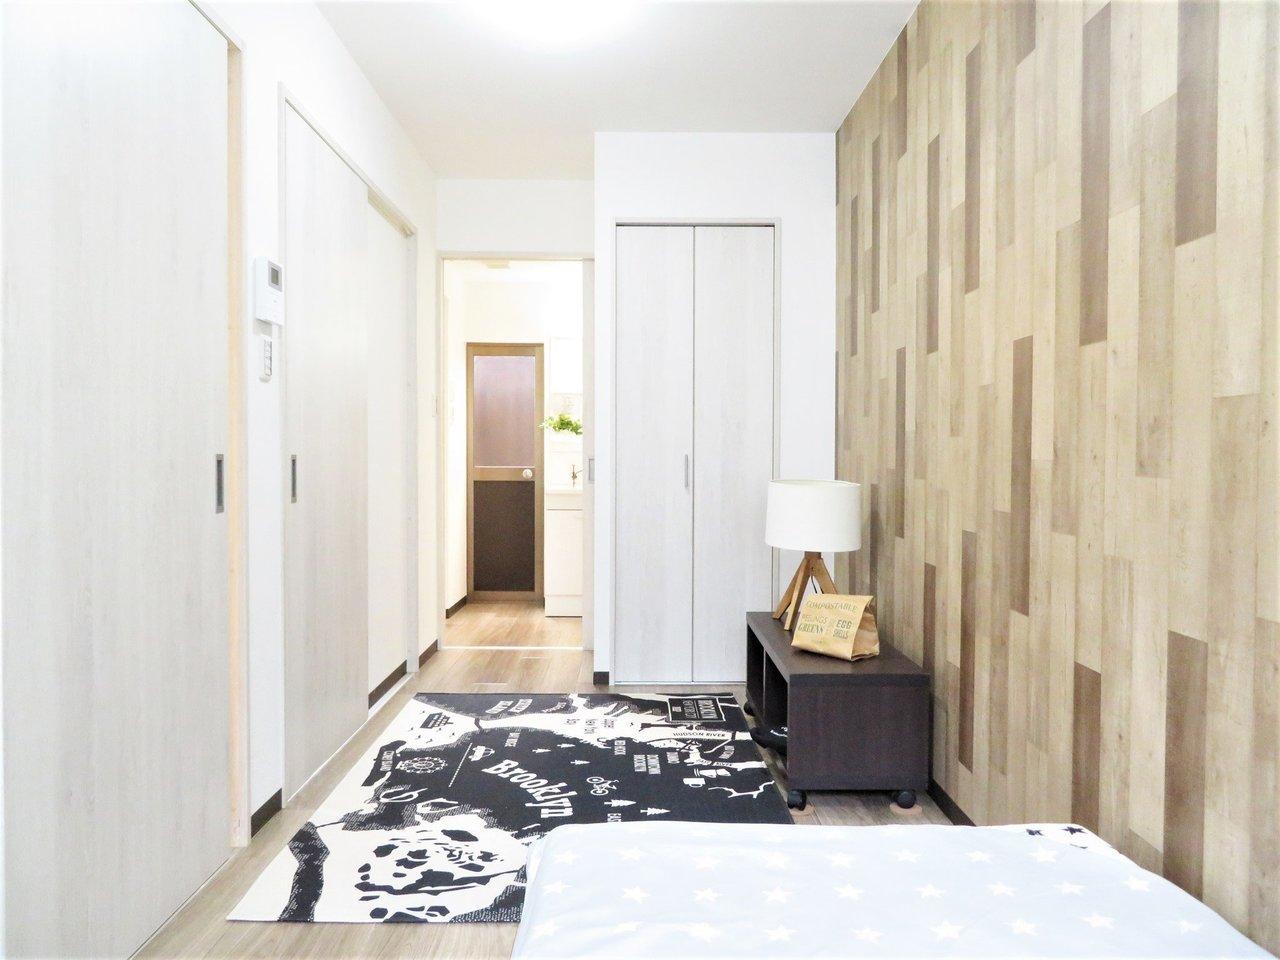 長細い約6畳のお部屋ですが、一人暮らしには問題なさそう。しっかりベッドも置くことができますね。